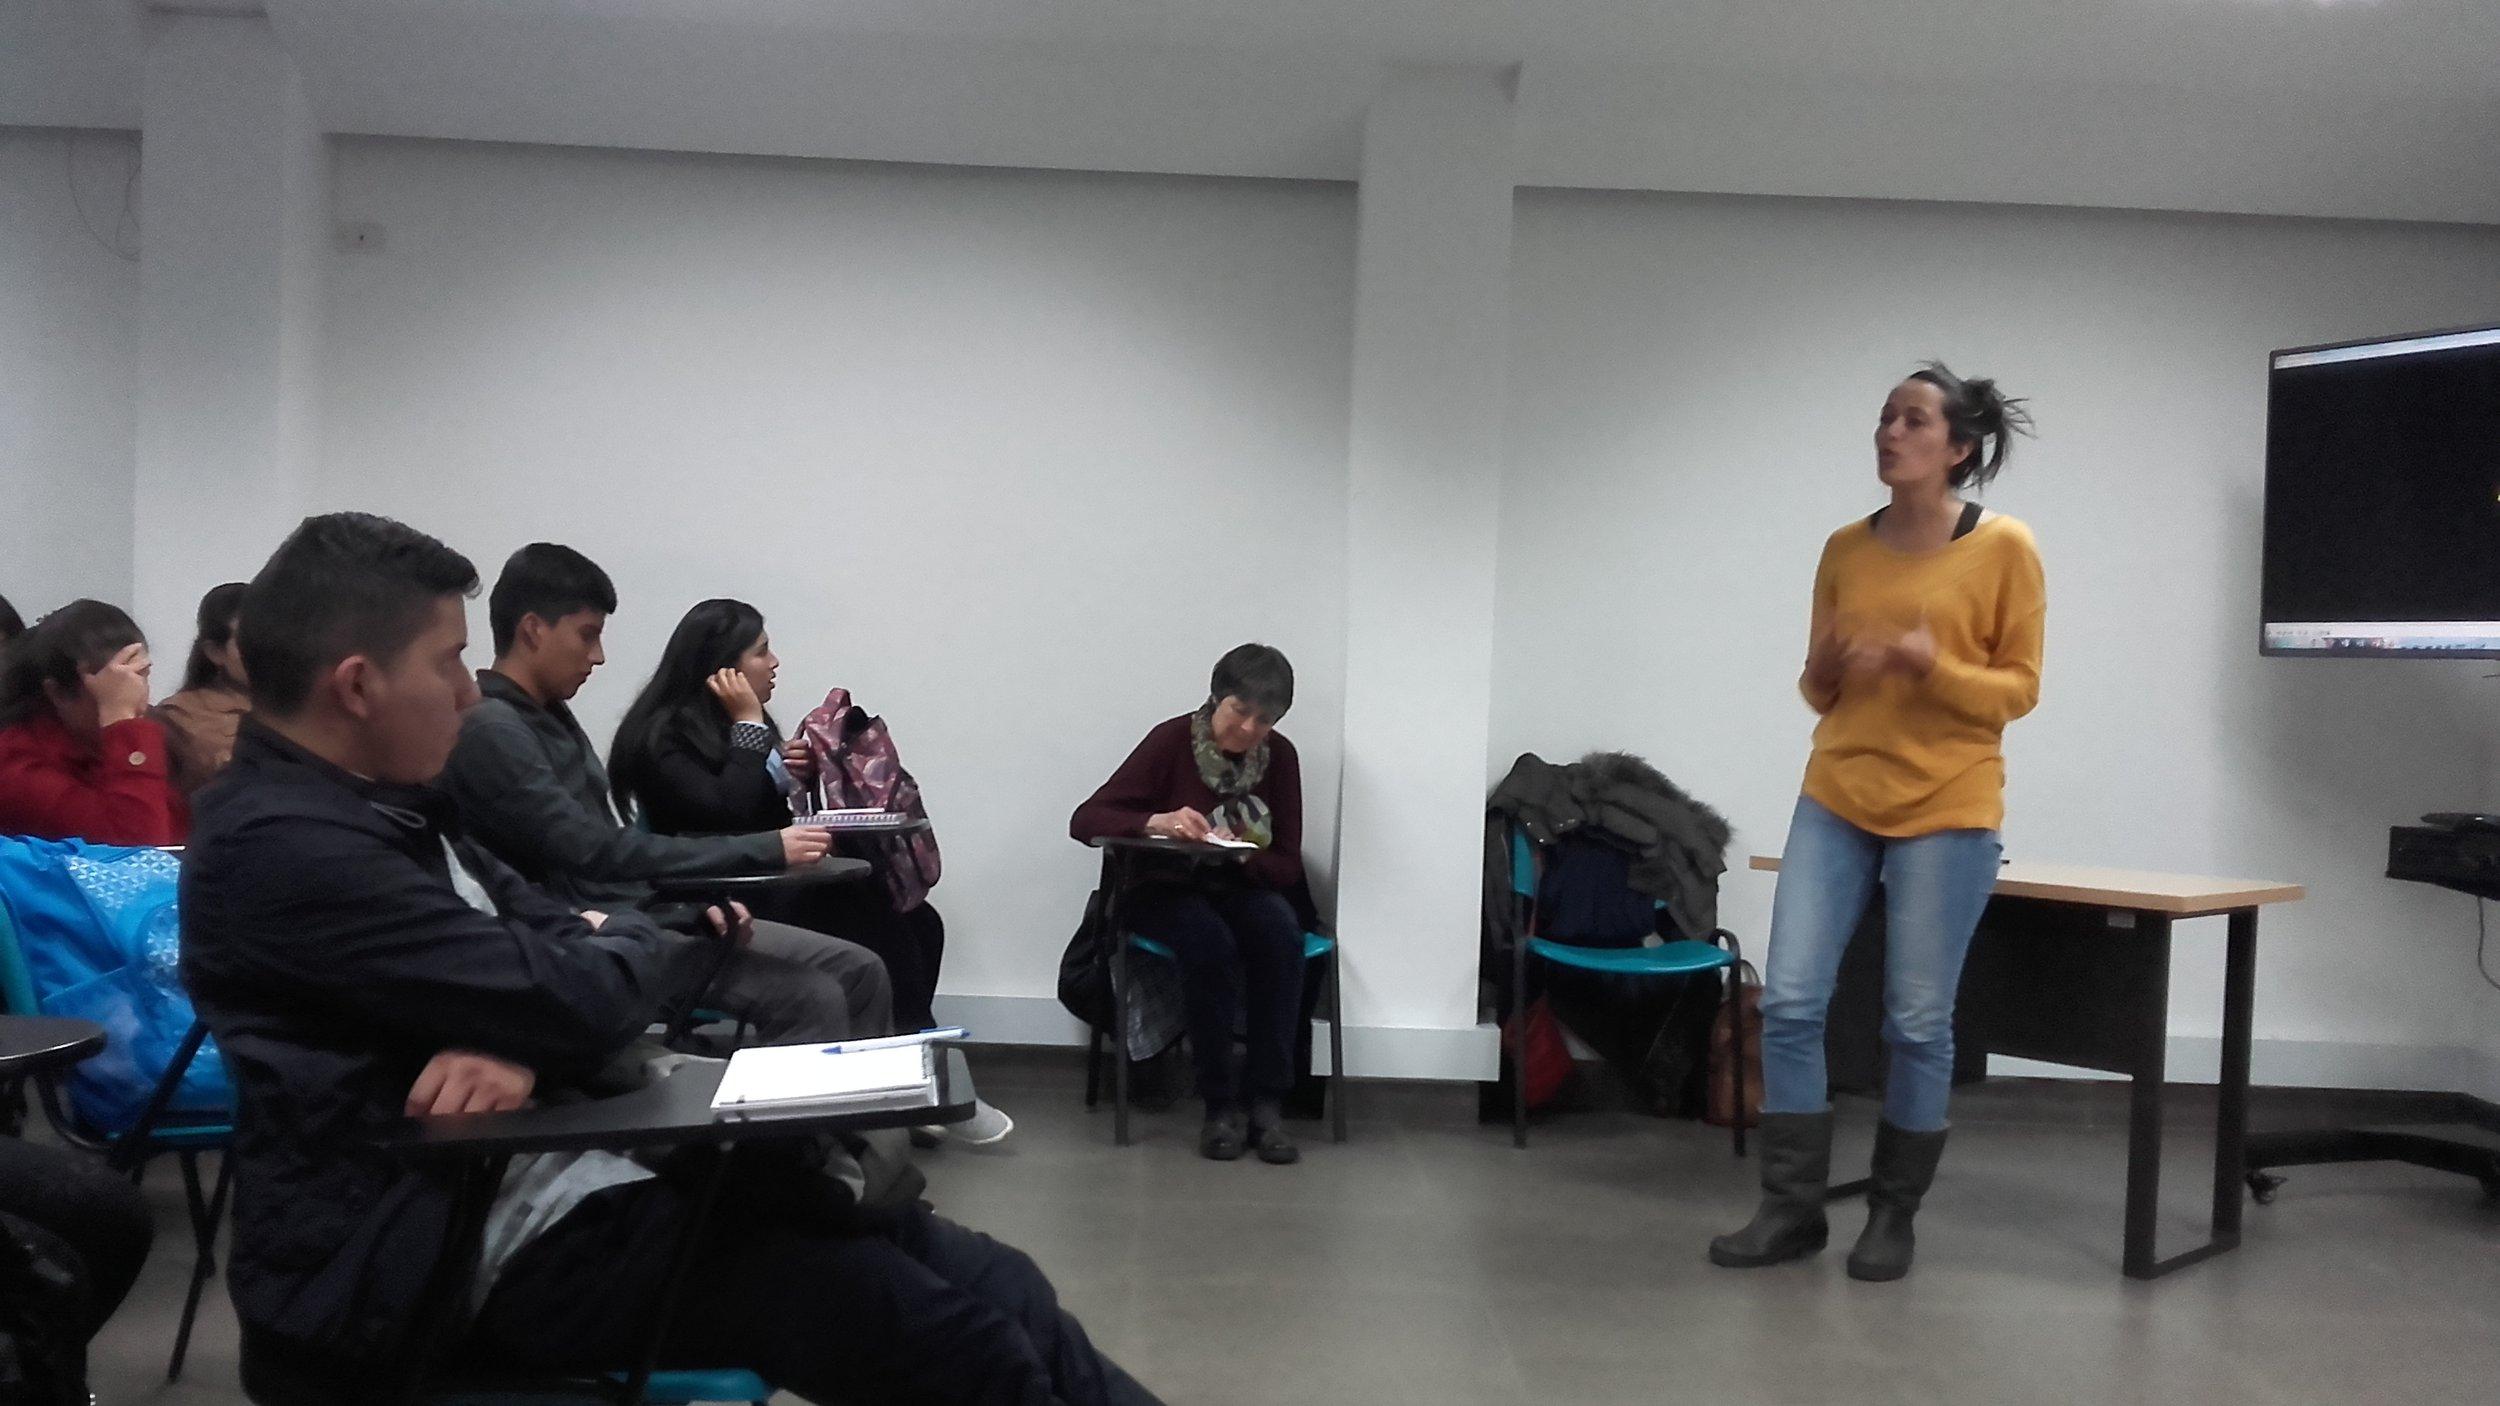 160818-ProyeccionKarenRed-Universidad-AreaAndina20160818_205900[1] 2.jpg